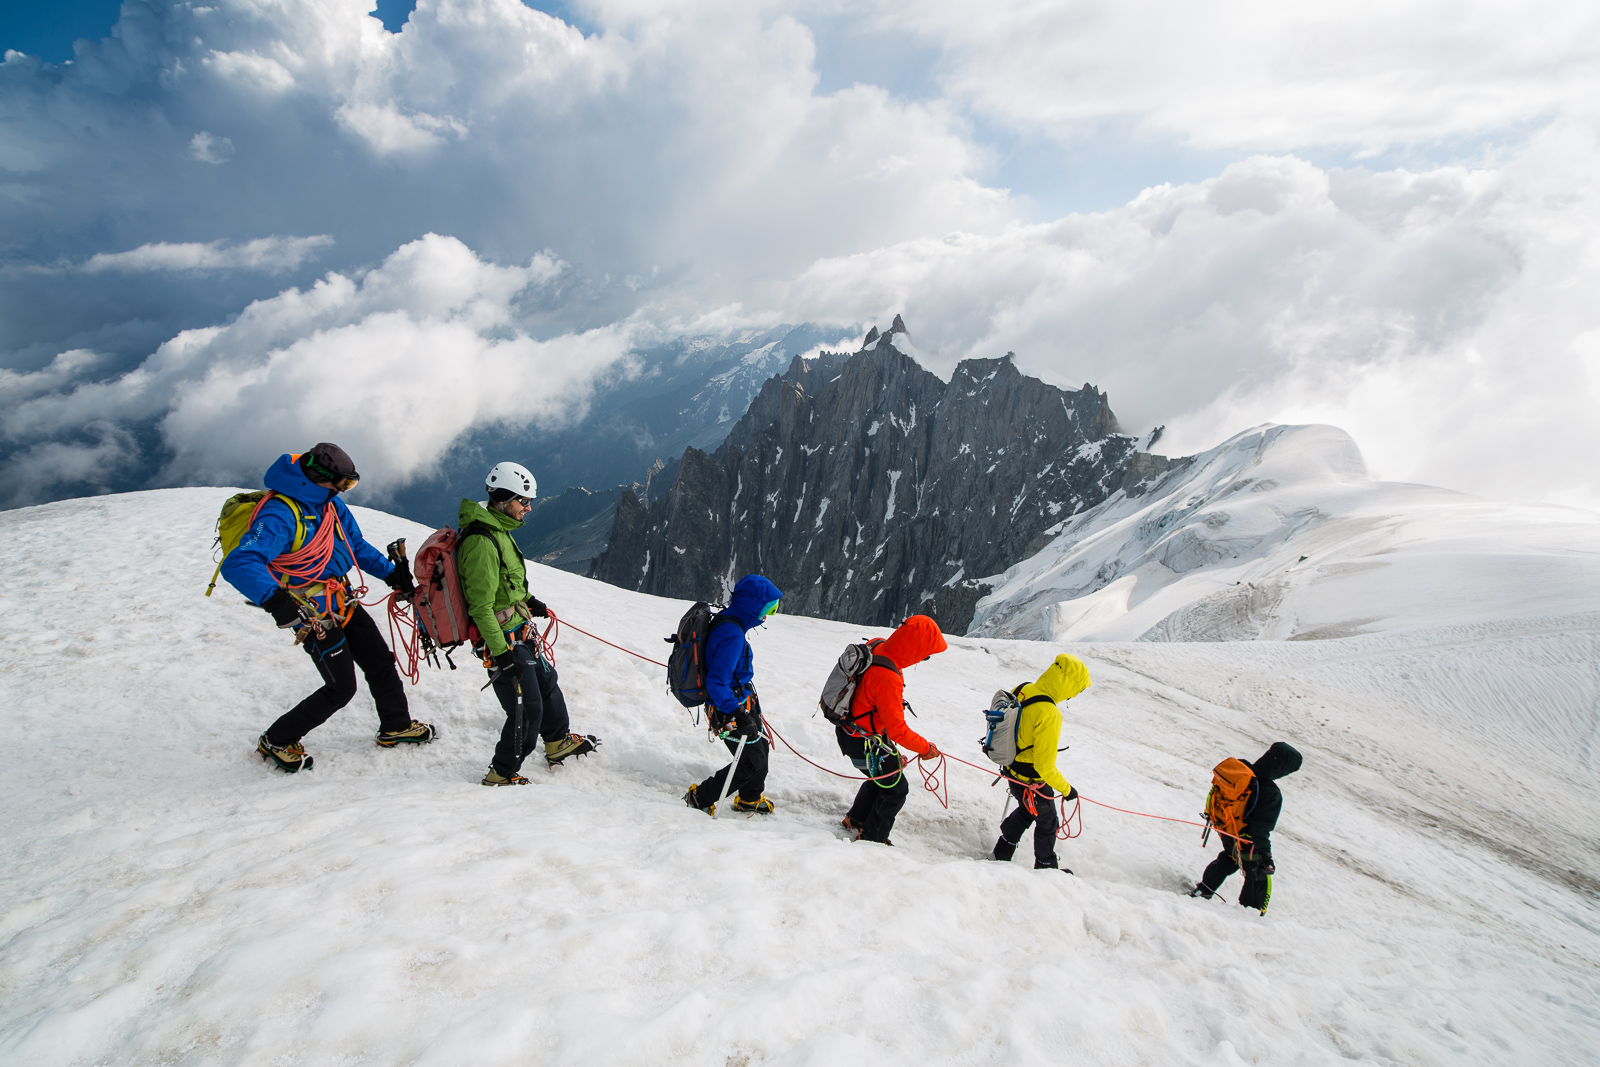 Arc'teryx Alpine Academy hopes to go ahead this July